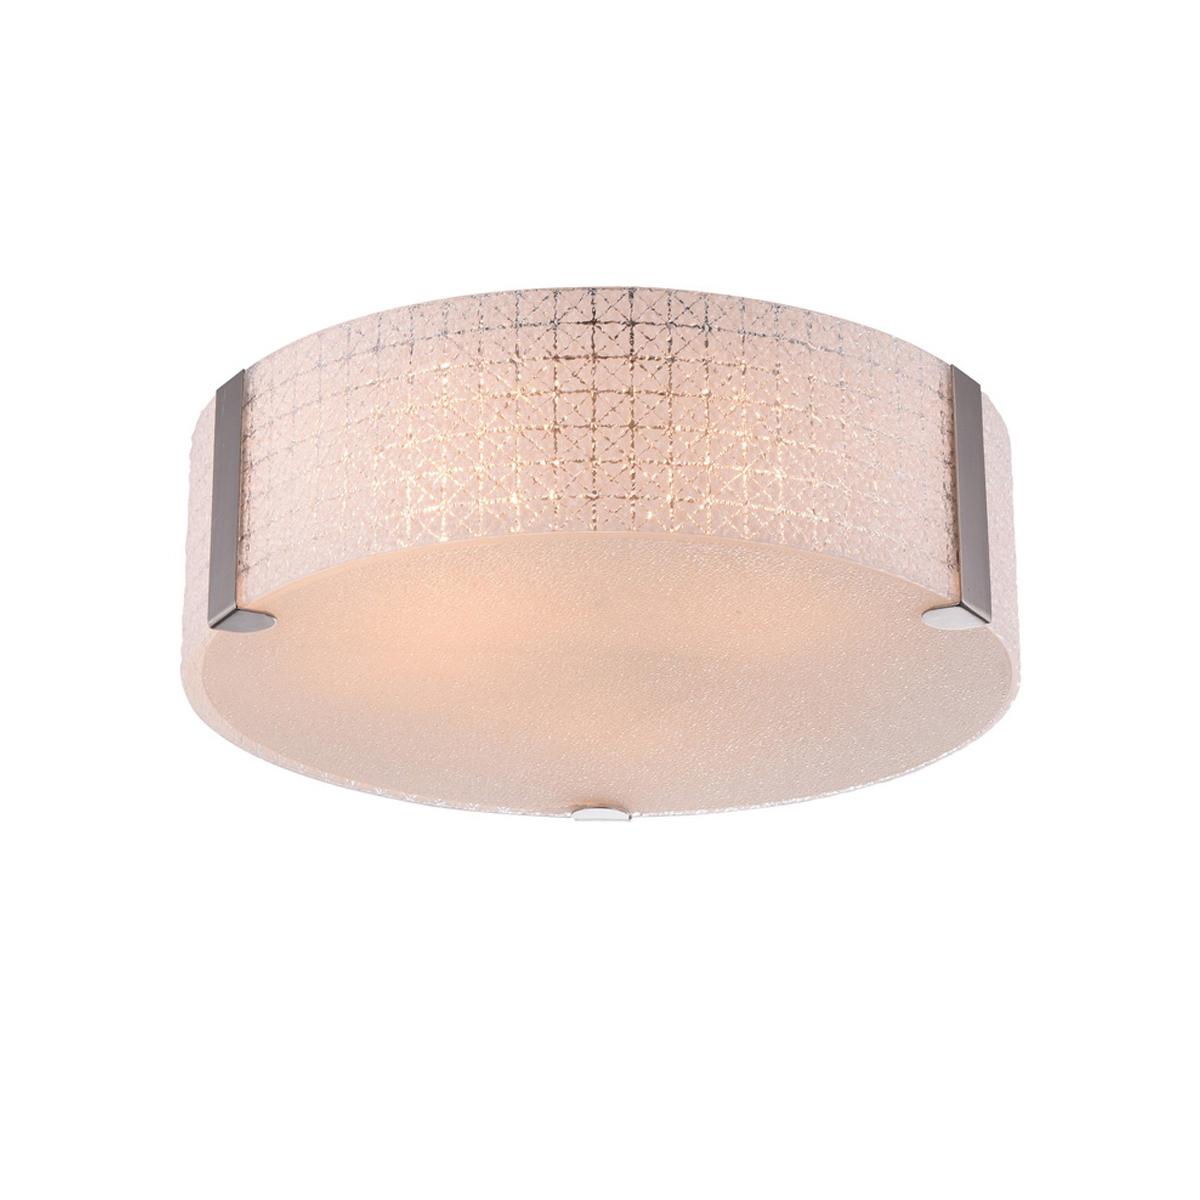 Светильник потолочный ClaraПотолочные светильники<br>Светильник потолочный в стиле Арт-Деко. Светильник поставляется в разобранном виде и имеет в комплекте все необходимые для монтажа крепежные элементы.&amp;lt;div&amp;gt;&amp;lt;br&amp;gt;&amp;lt;/div&amp;gt;&amp;lt;div&amp;gt;&amp;lt;div&amp;gt;Цоколь: E27&amp;lt;/div&amp;gt;&amp;lt;div&amp;gt;Мощность лампы: 60W&amp;lt;/div&amp;gt;&amp;lt;div&amp;gt;Количество ламп: 4&amp;lt;/div&amp;gt;&amp;lt;/div&amp;gt;&amp;lt;div&amp;gt;&amp;lt;span style=&amp;quot;line-height: 24.9999px;&amp;quot;&amp;gt;Лампочки не входят в комплект.&amp;amp;nbsp;&amp;lt;/span&amp;gt;&amp;lt;br&amp;gt;&amp;lt;/div&amp;gt;<br><br>Material: Металл<br>Height см: 20<br>Diameter см: 50